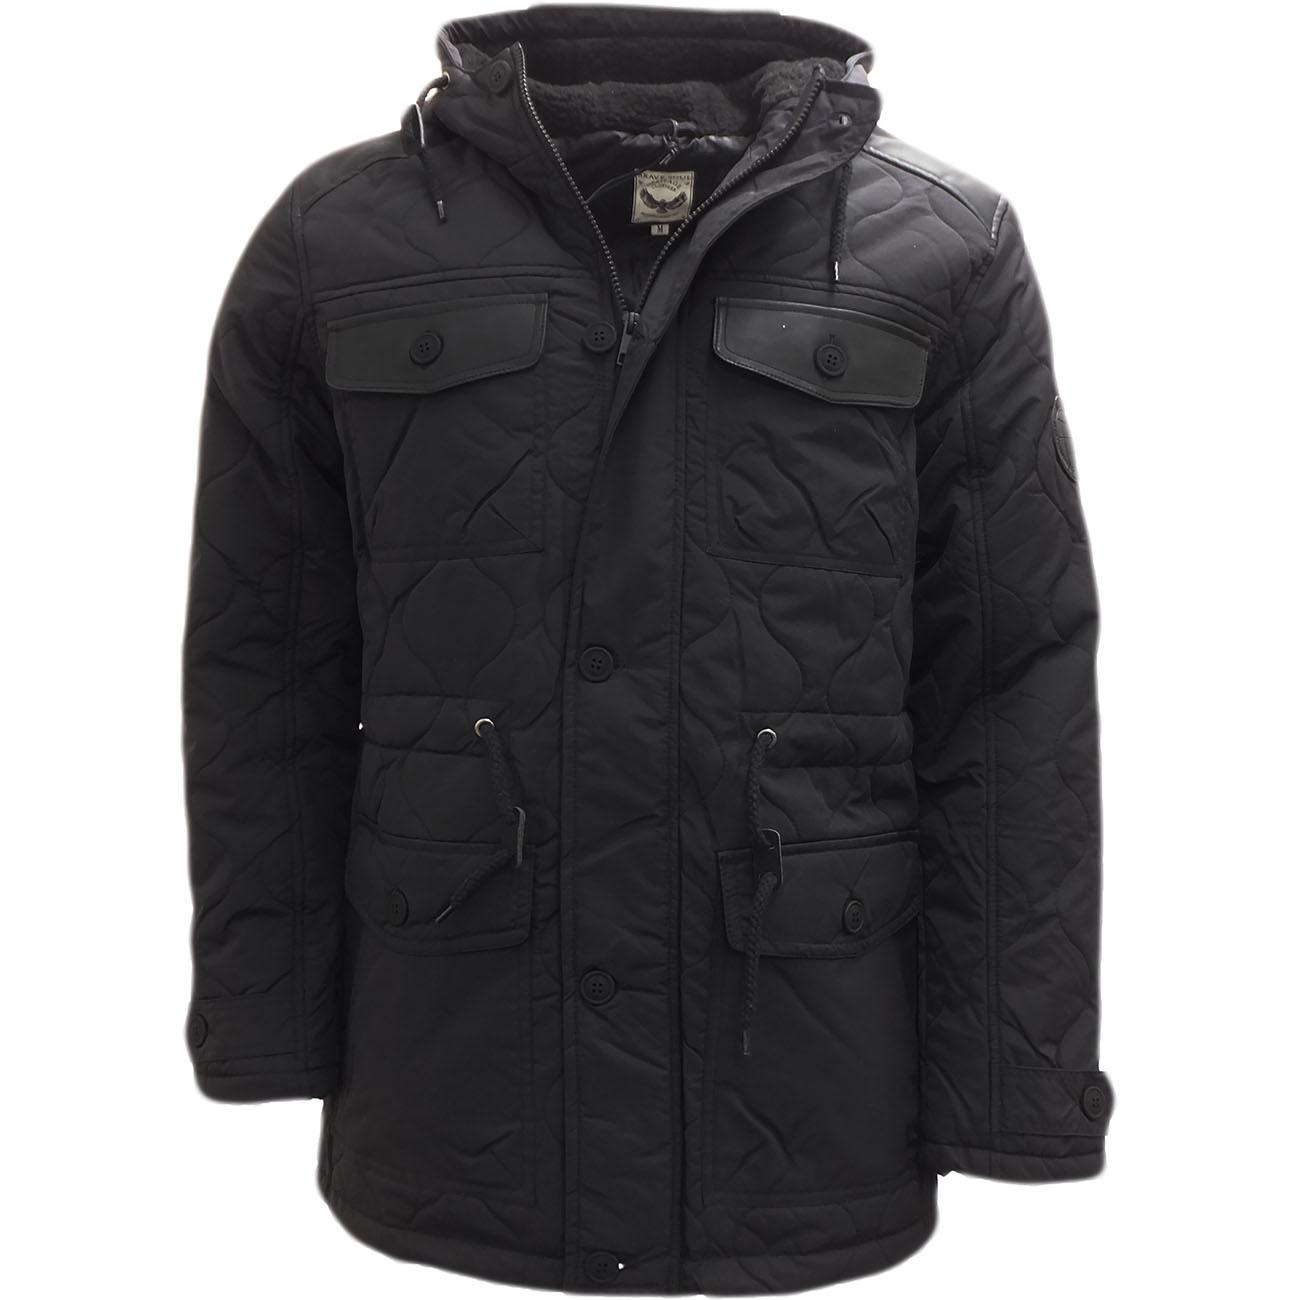 brave soul jacket 39 sergio 39 jackets mr h menswear. Black Bedroom Furniture Sets. Home Design Ideas